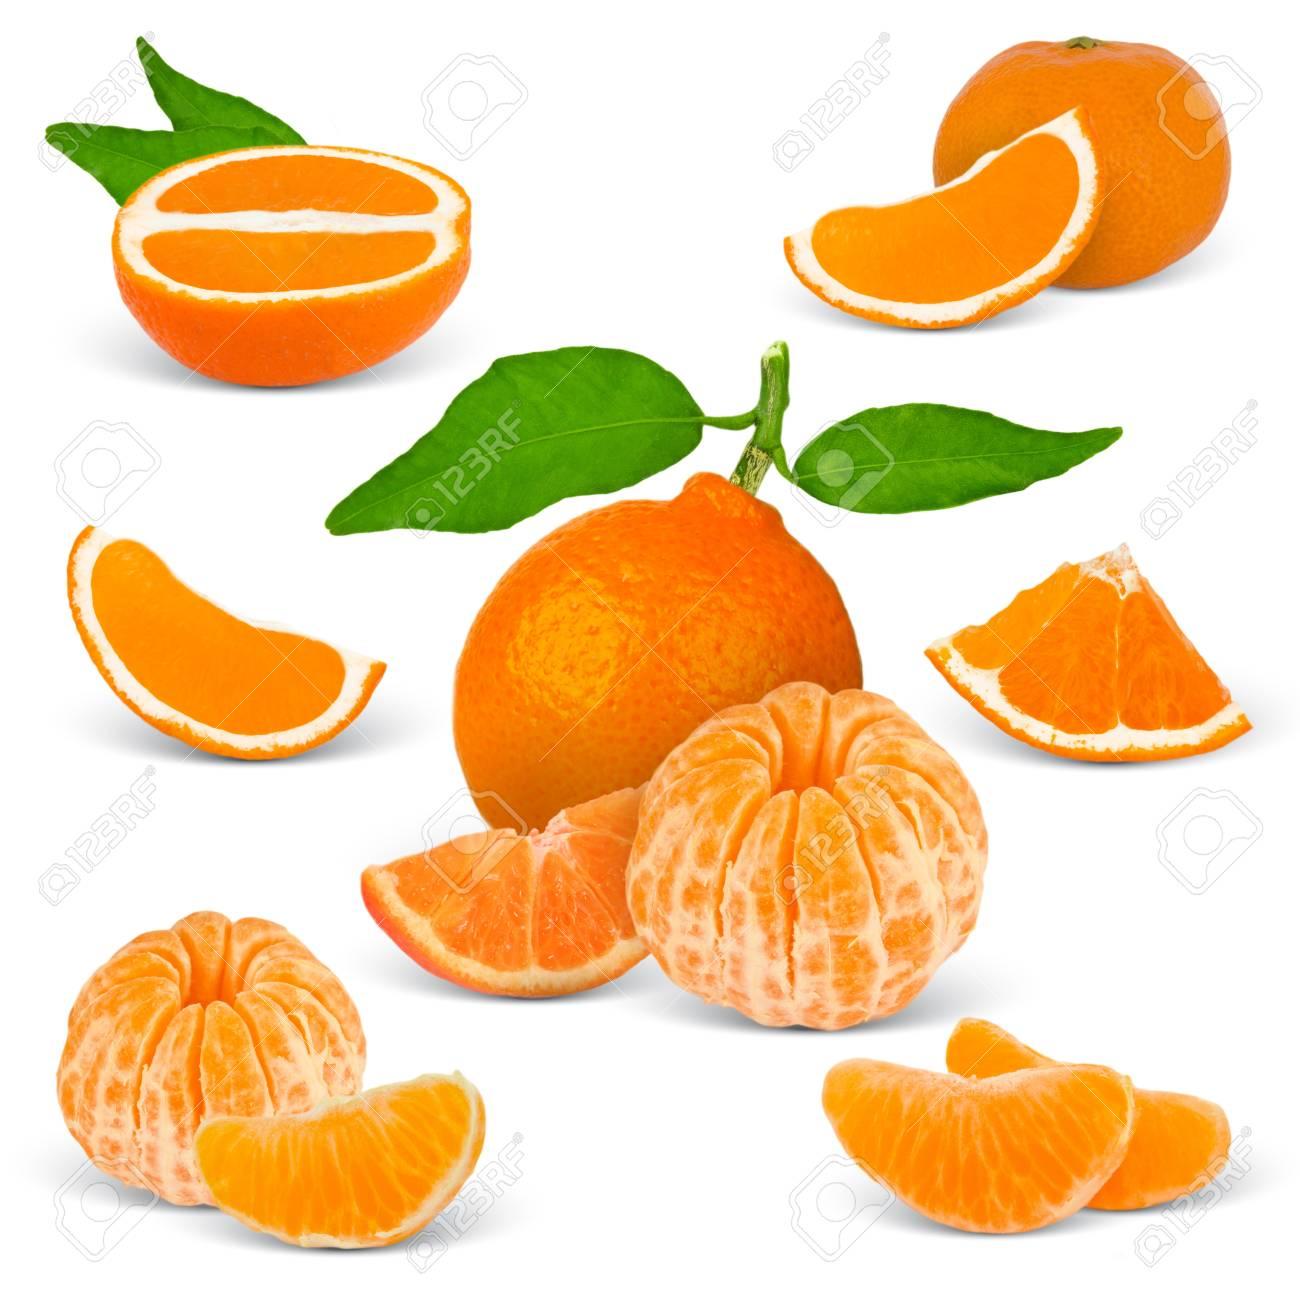 Colección de mandarina aislado en blanco Foto de archivo - 13391995 89d05598c341